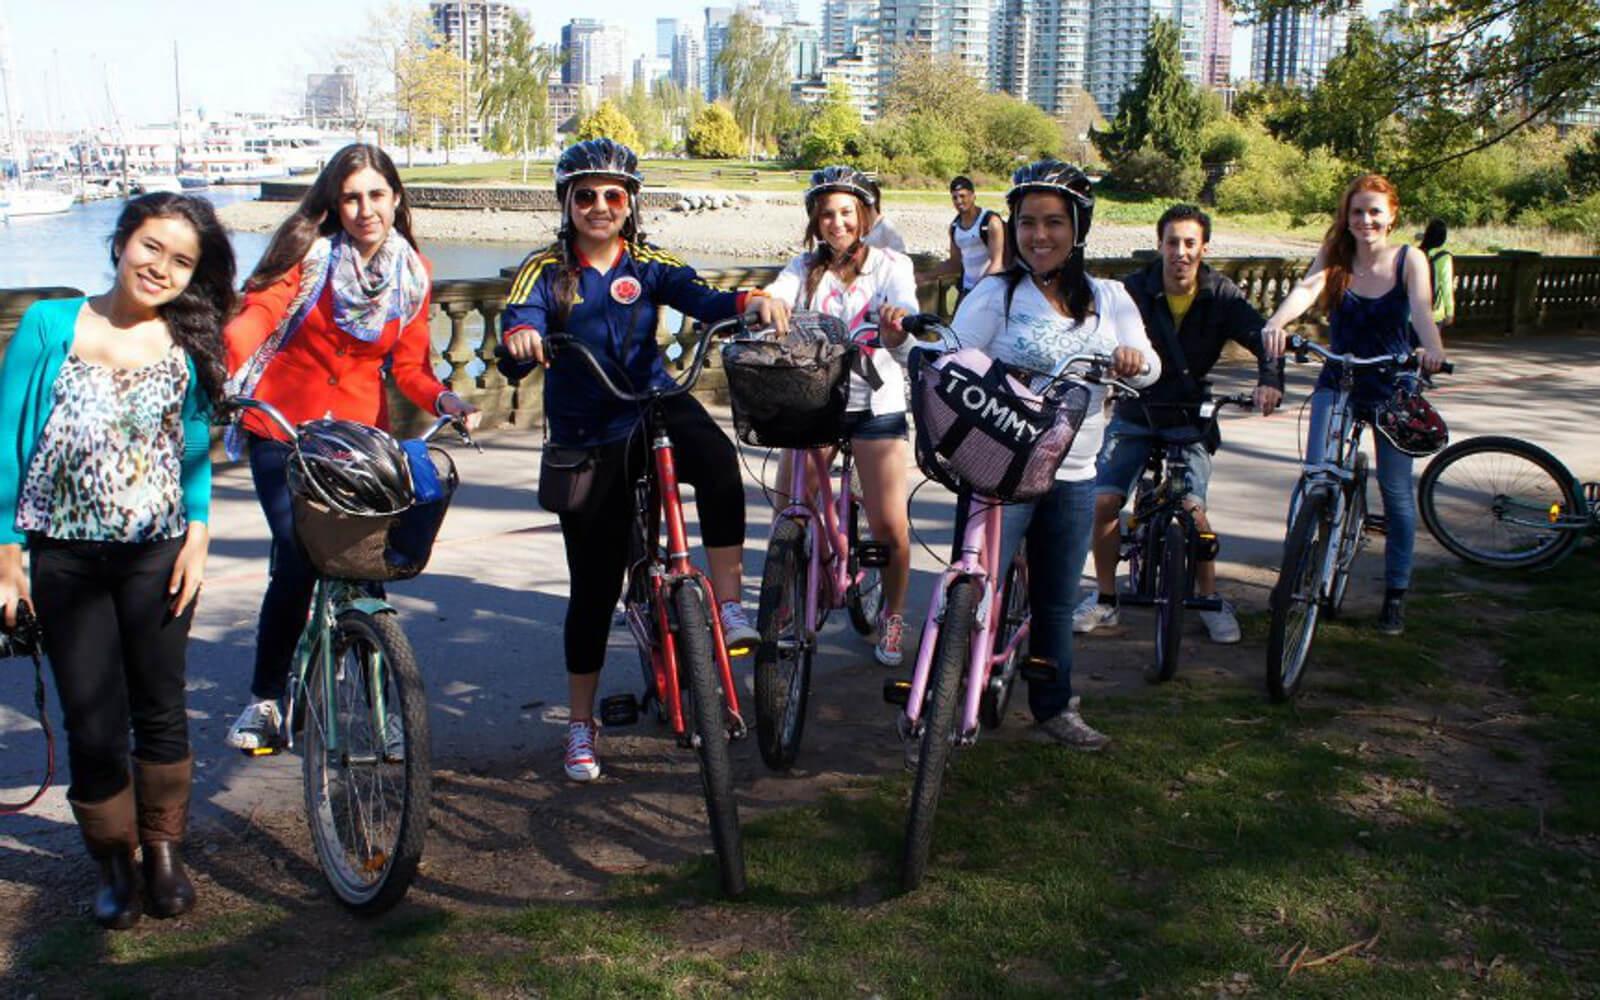 Simone mit ihren Freunden auf Fahrrädern